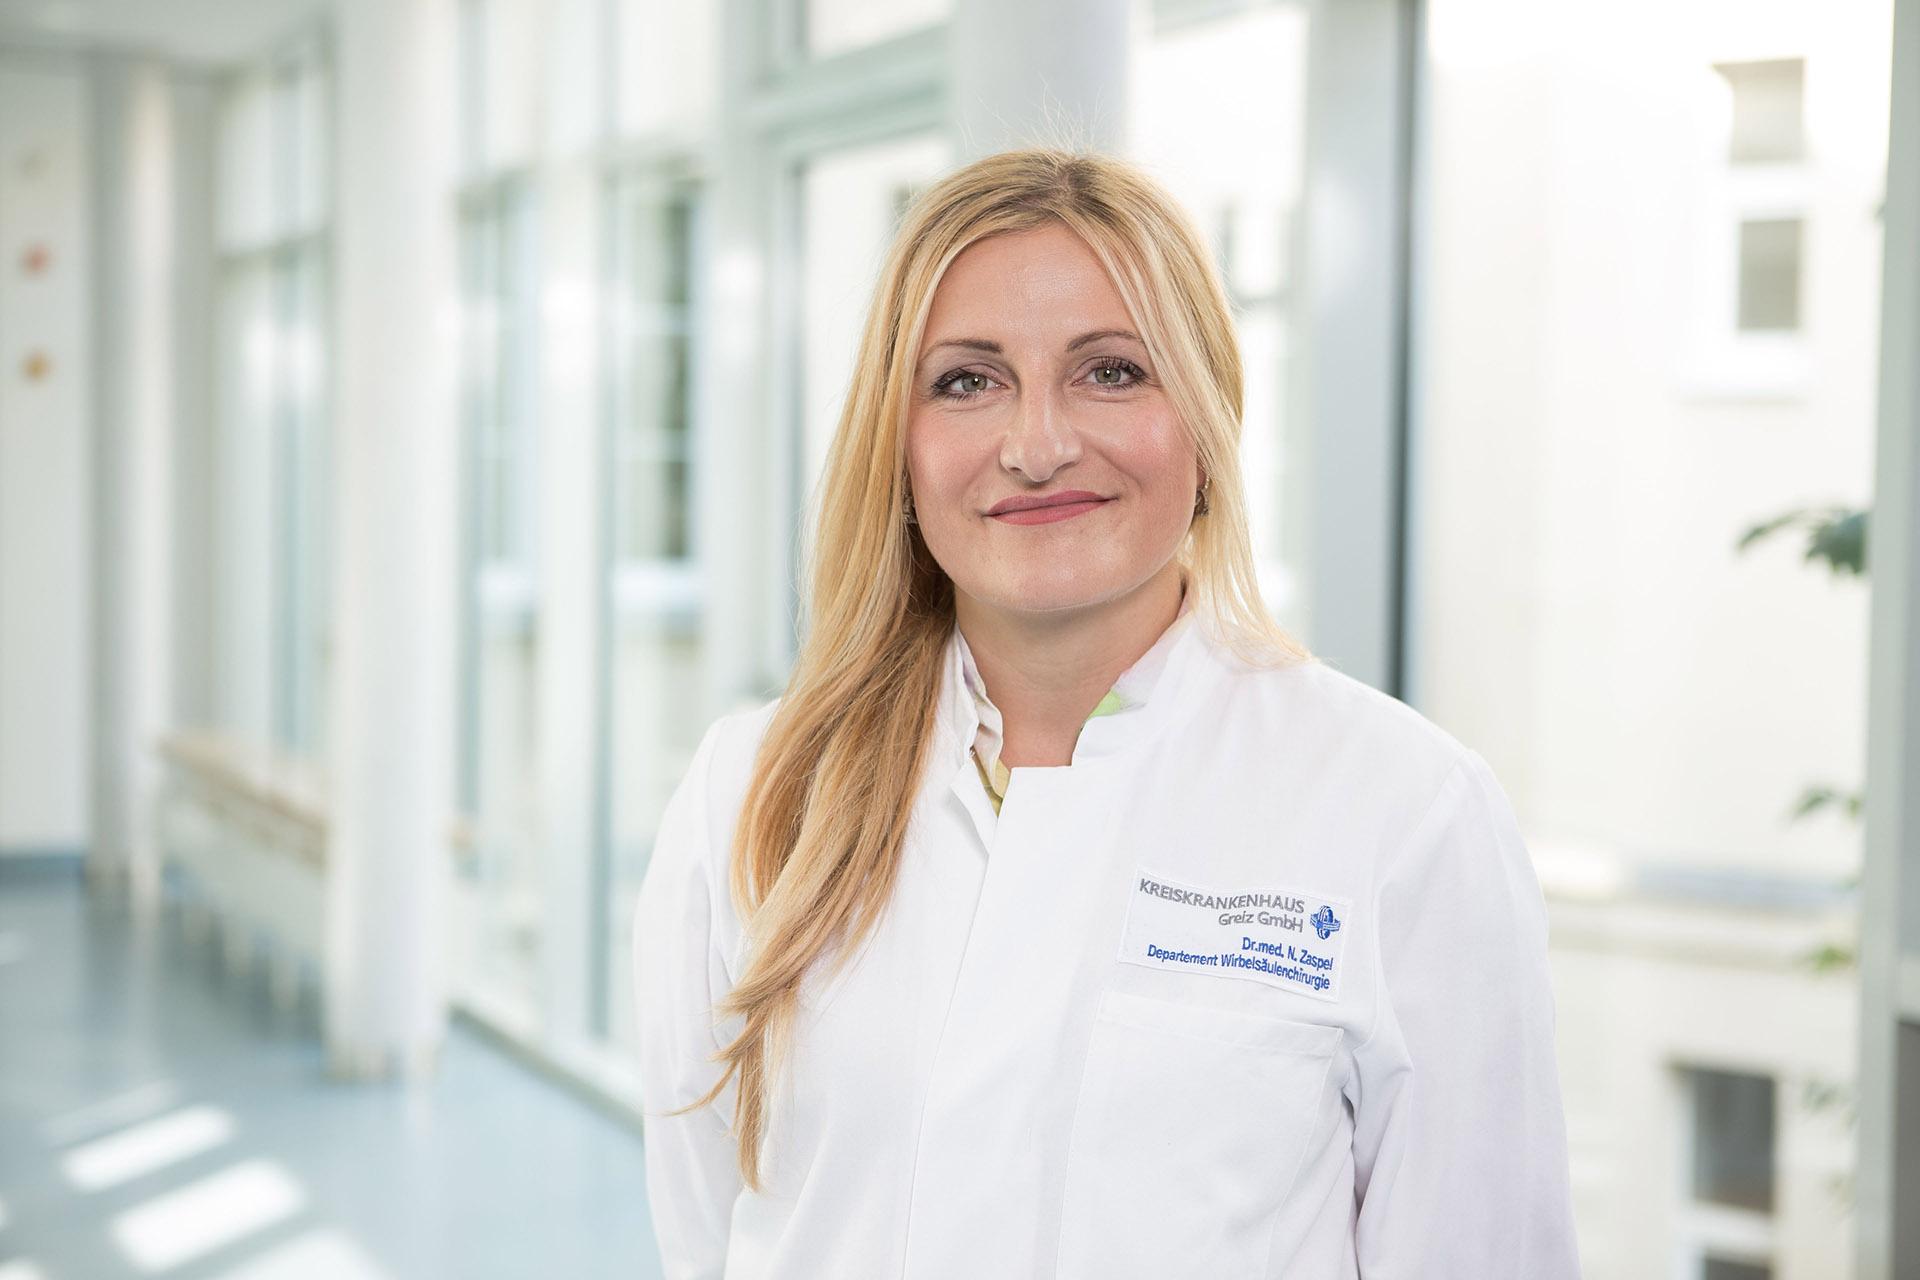 Neurochirurgin Dr. med. Nancy Zaspel ist Chefärztin des Departments für Wirbelsäulenchirurgie im Greizer Kreiskrankenhaus.